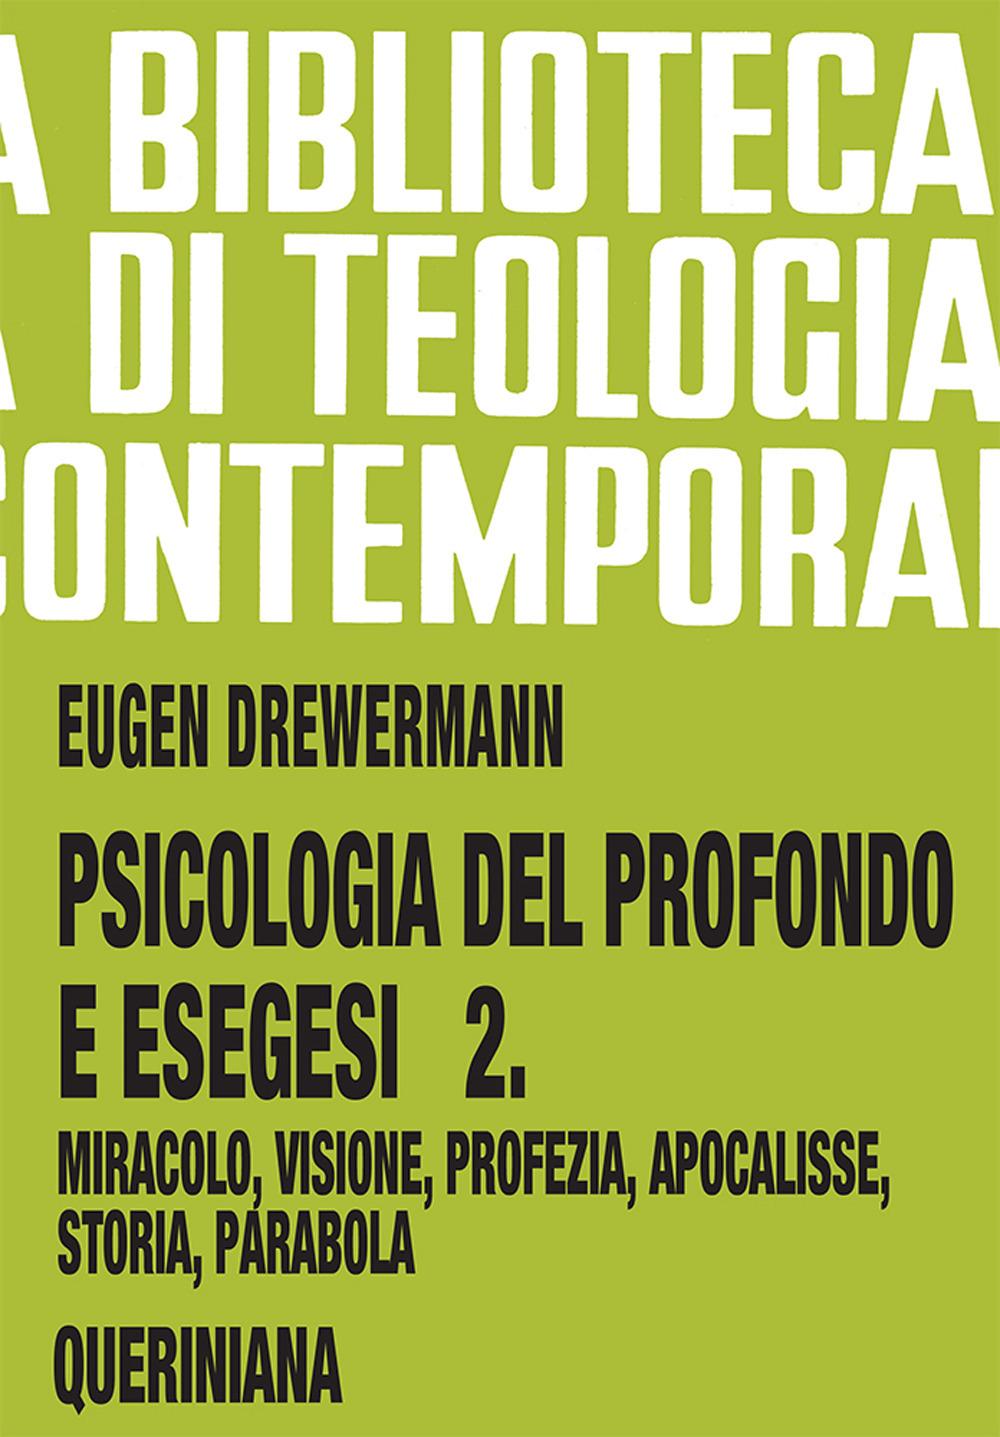 Psicologia del profondo e esegesi. Vol. 2: La verità delle opere e delle parole. Miracolo, visione, profezia, Apocalisse, storia, parabola